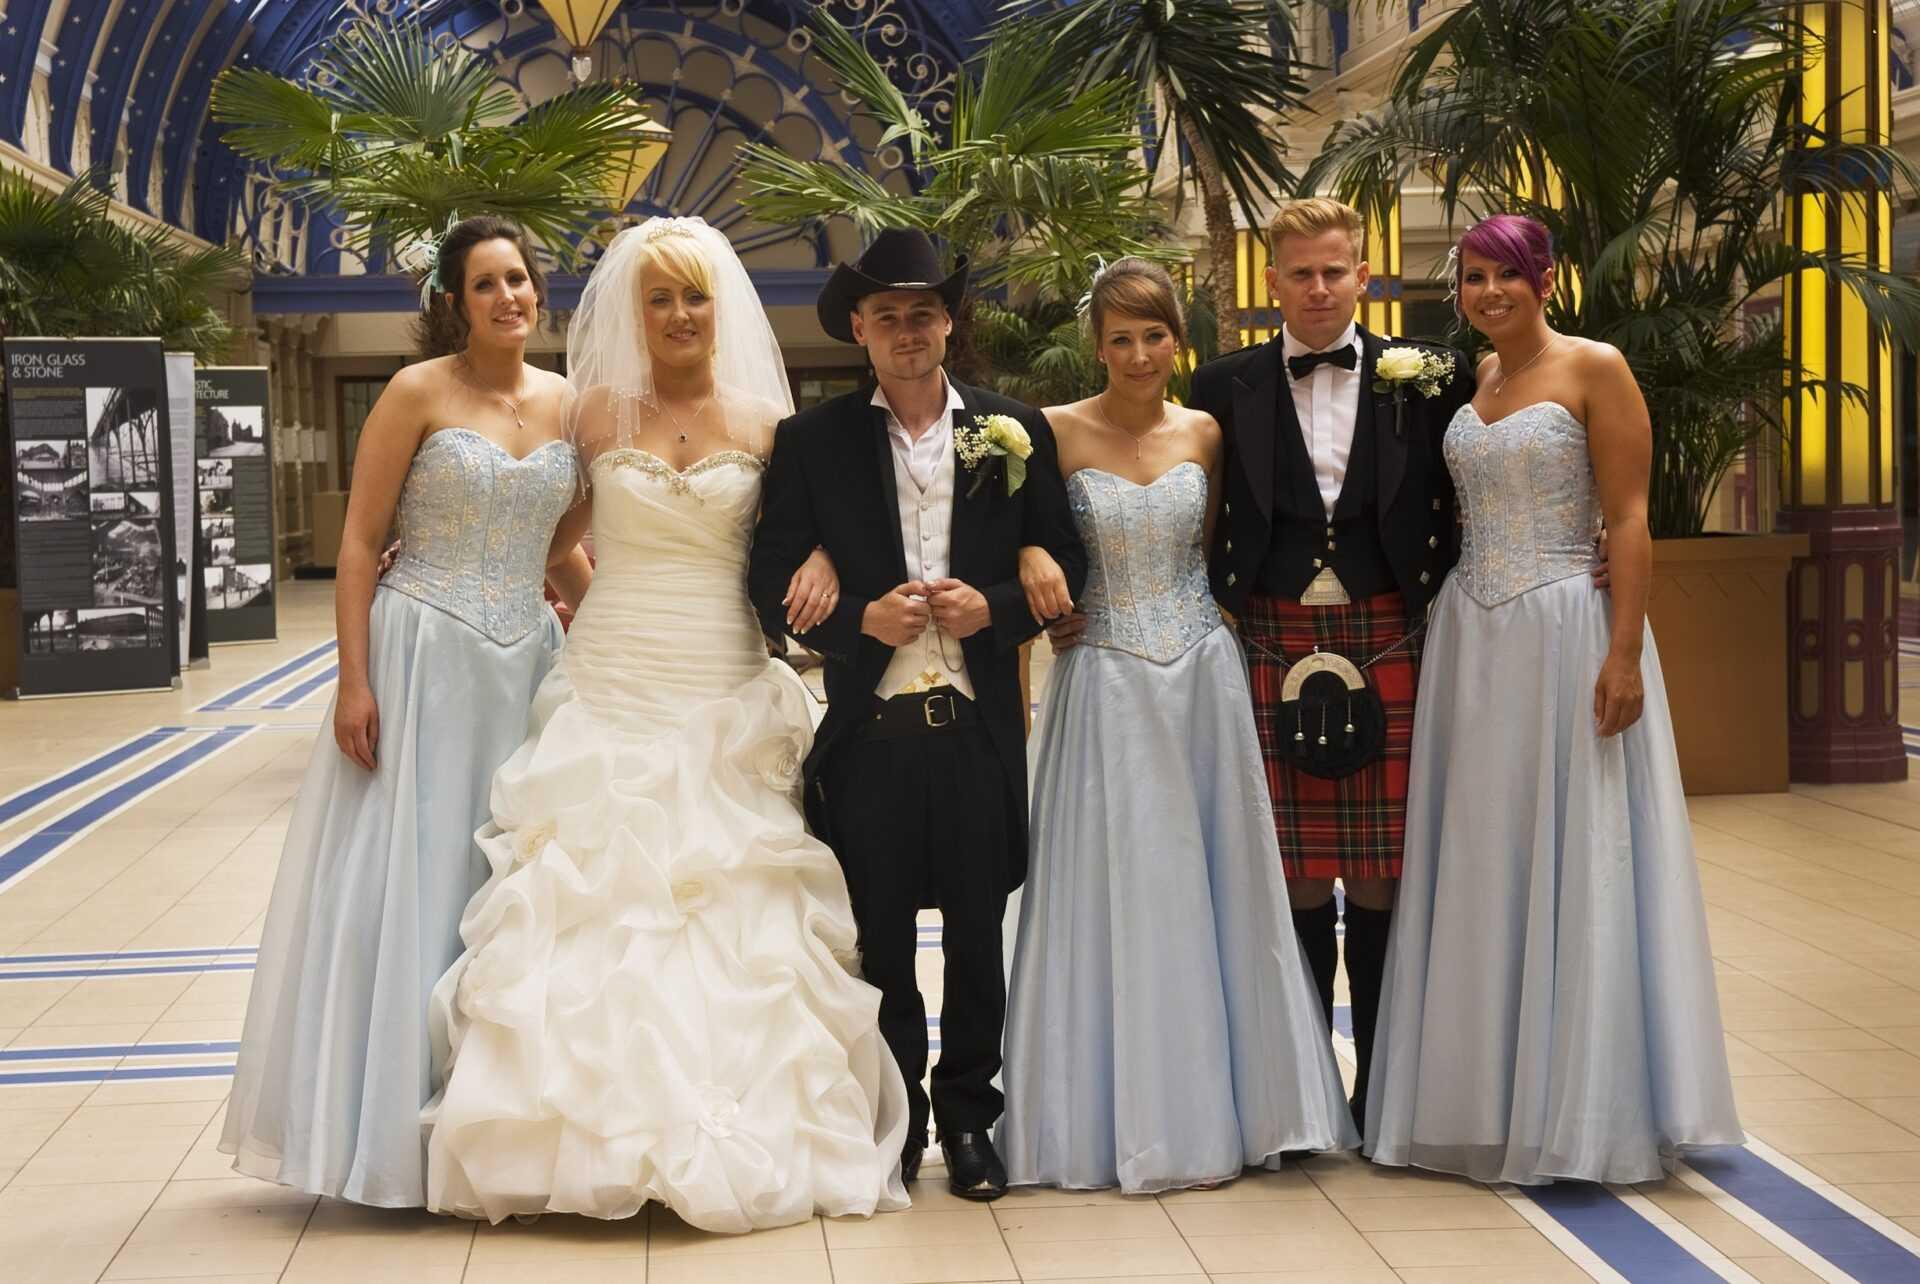 Arriva in prima tv su LeiTv la sesta stagione di Non ditelo alla sposa UK | Digitale terrestre: Dtti.it